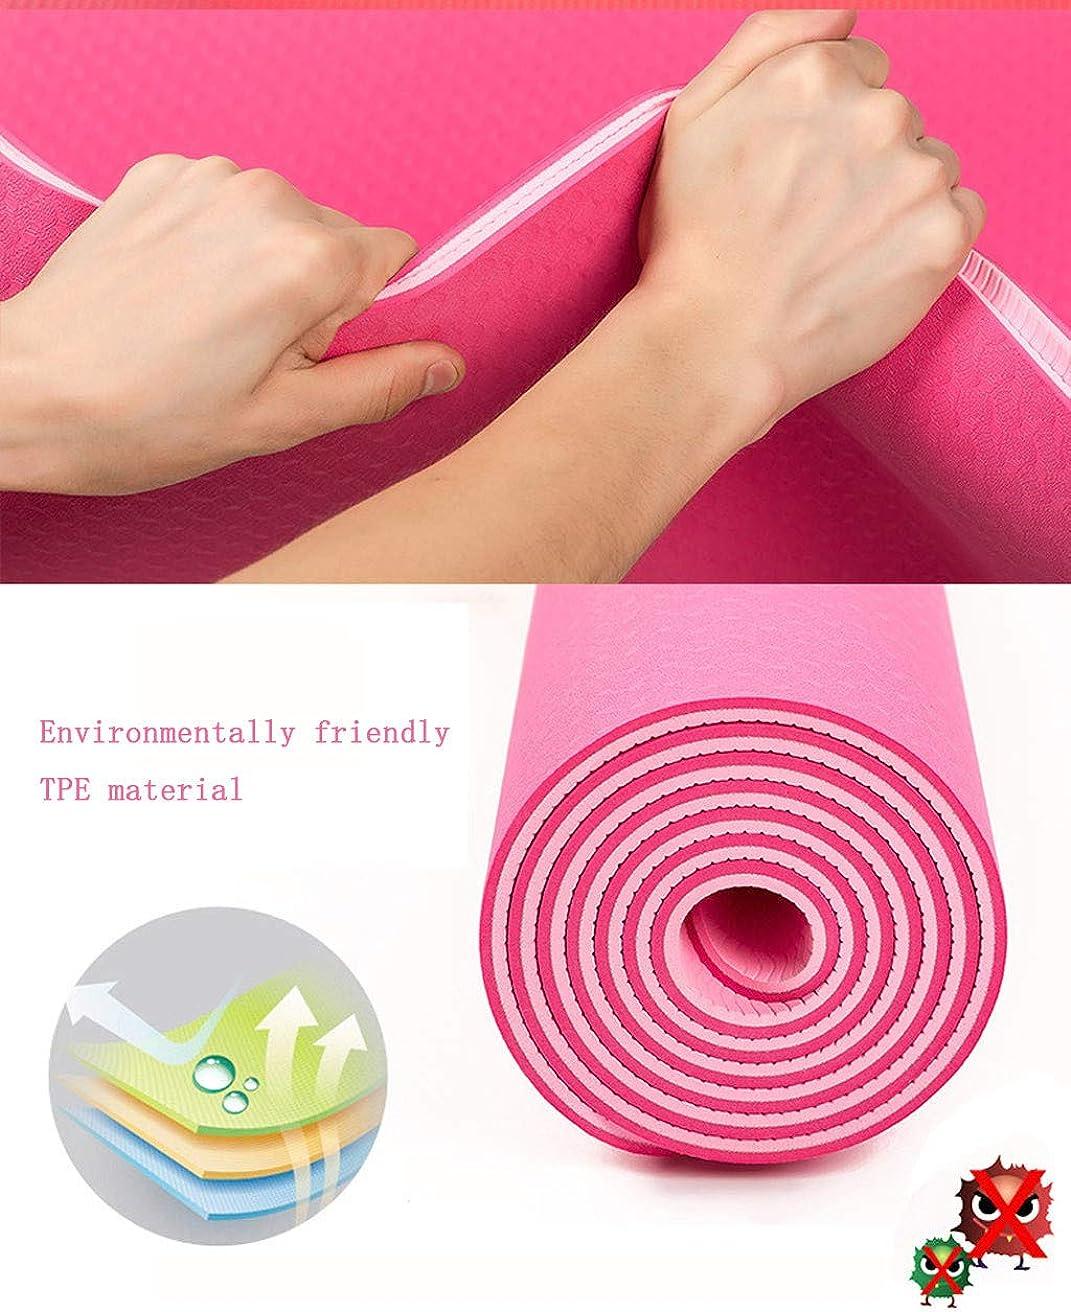 Tapis De Yoga Classic Pro Tapis De Yoga Tpe Tapis DExercice Antid/éRapant /éCologique MORETIME Fitness